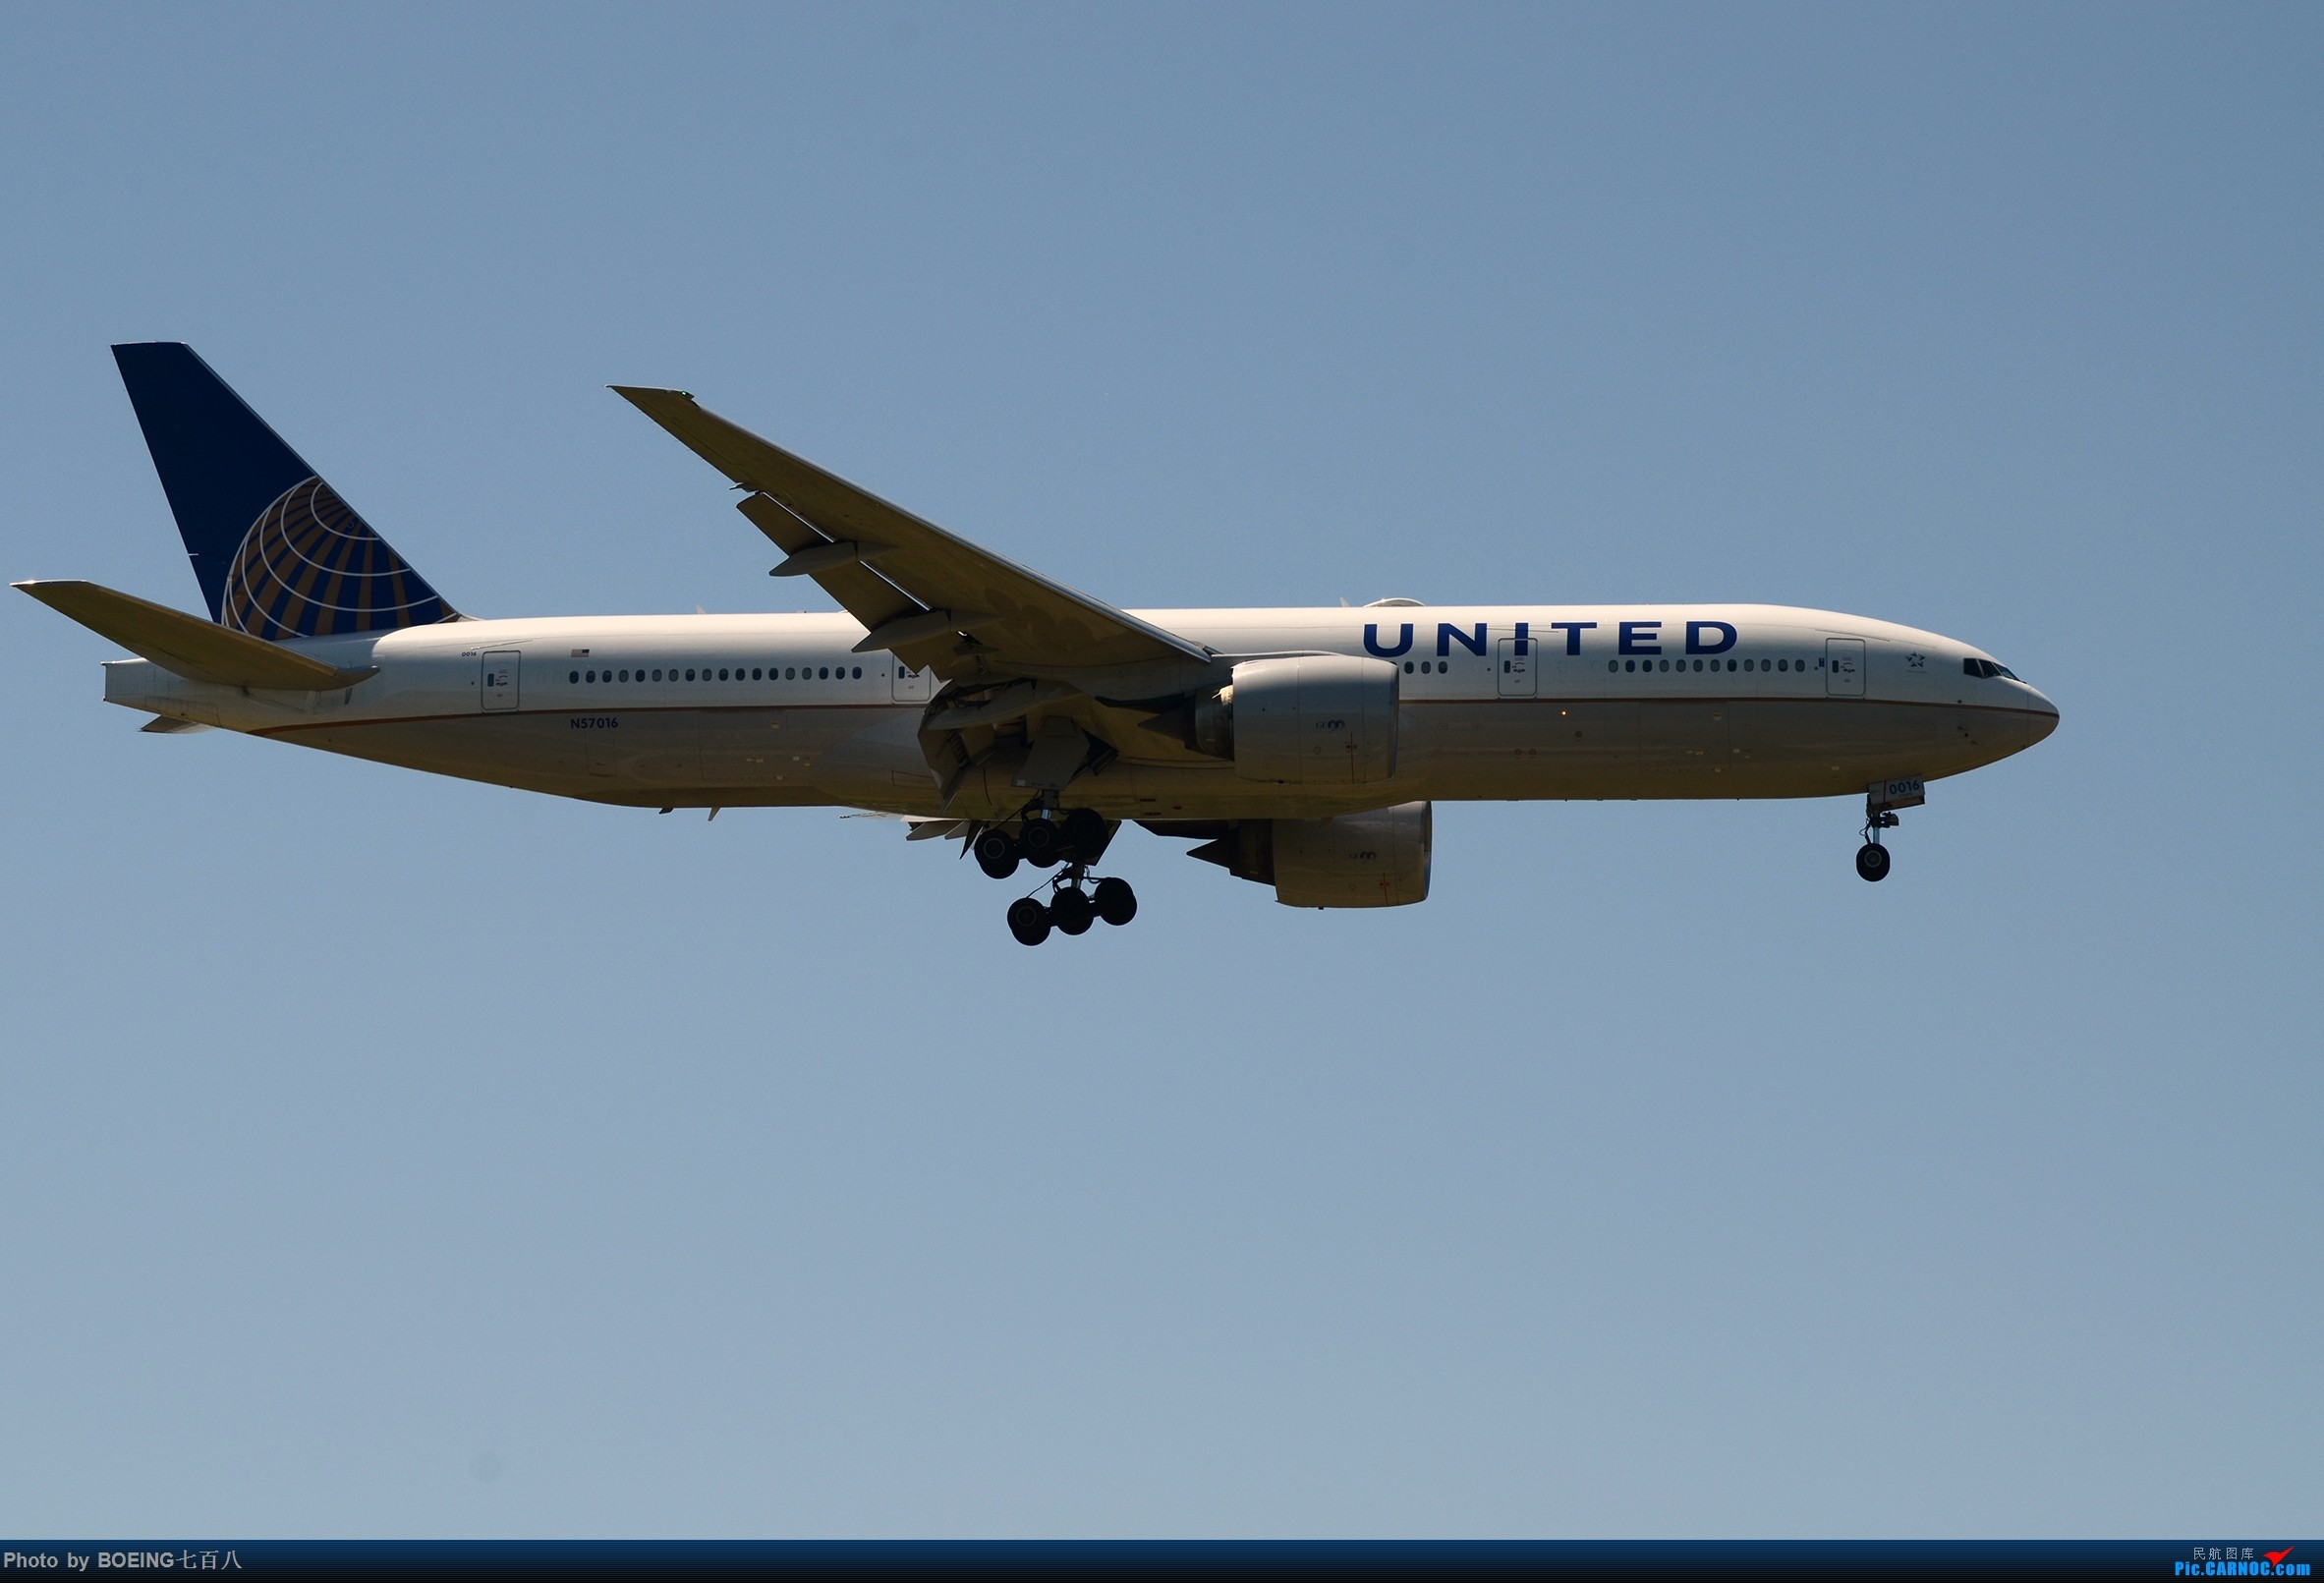 Re:[原创]好久没发作业了,5月13日的PEK BOEING 777-200 N57016 中国北京首都国际机场